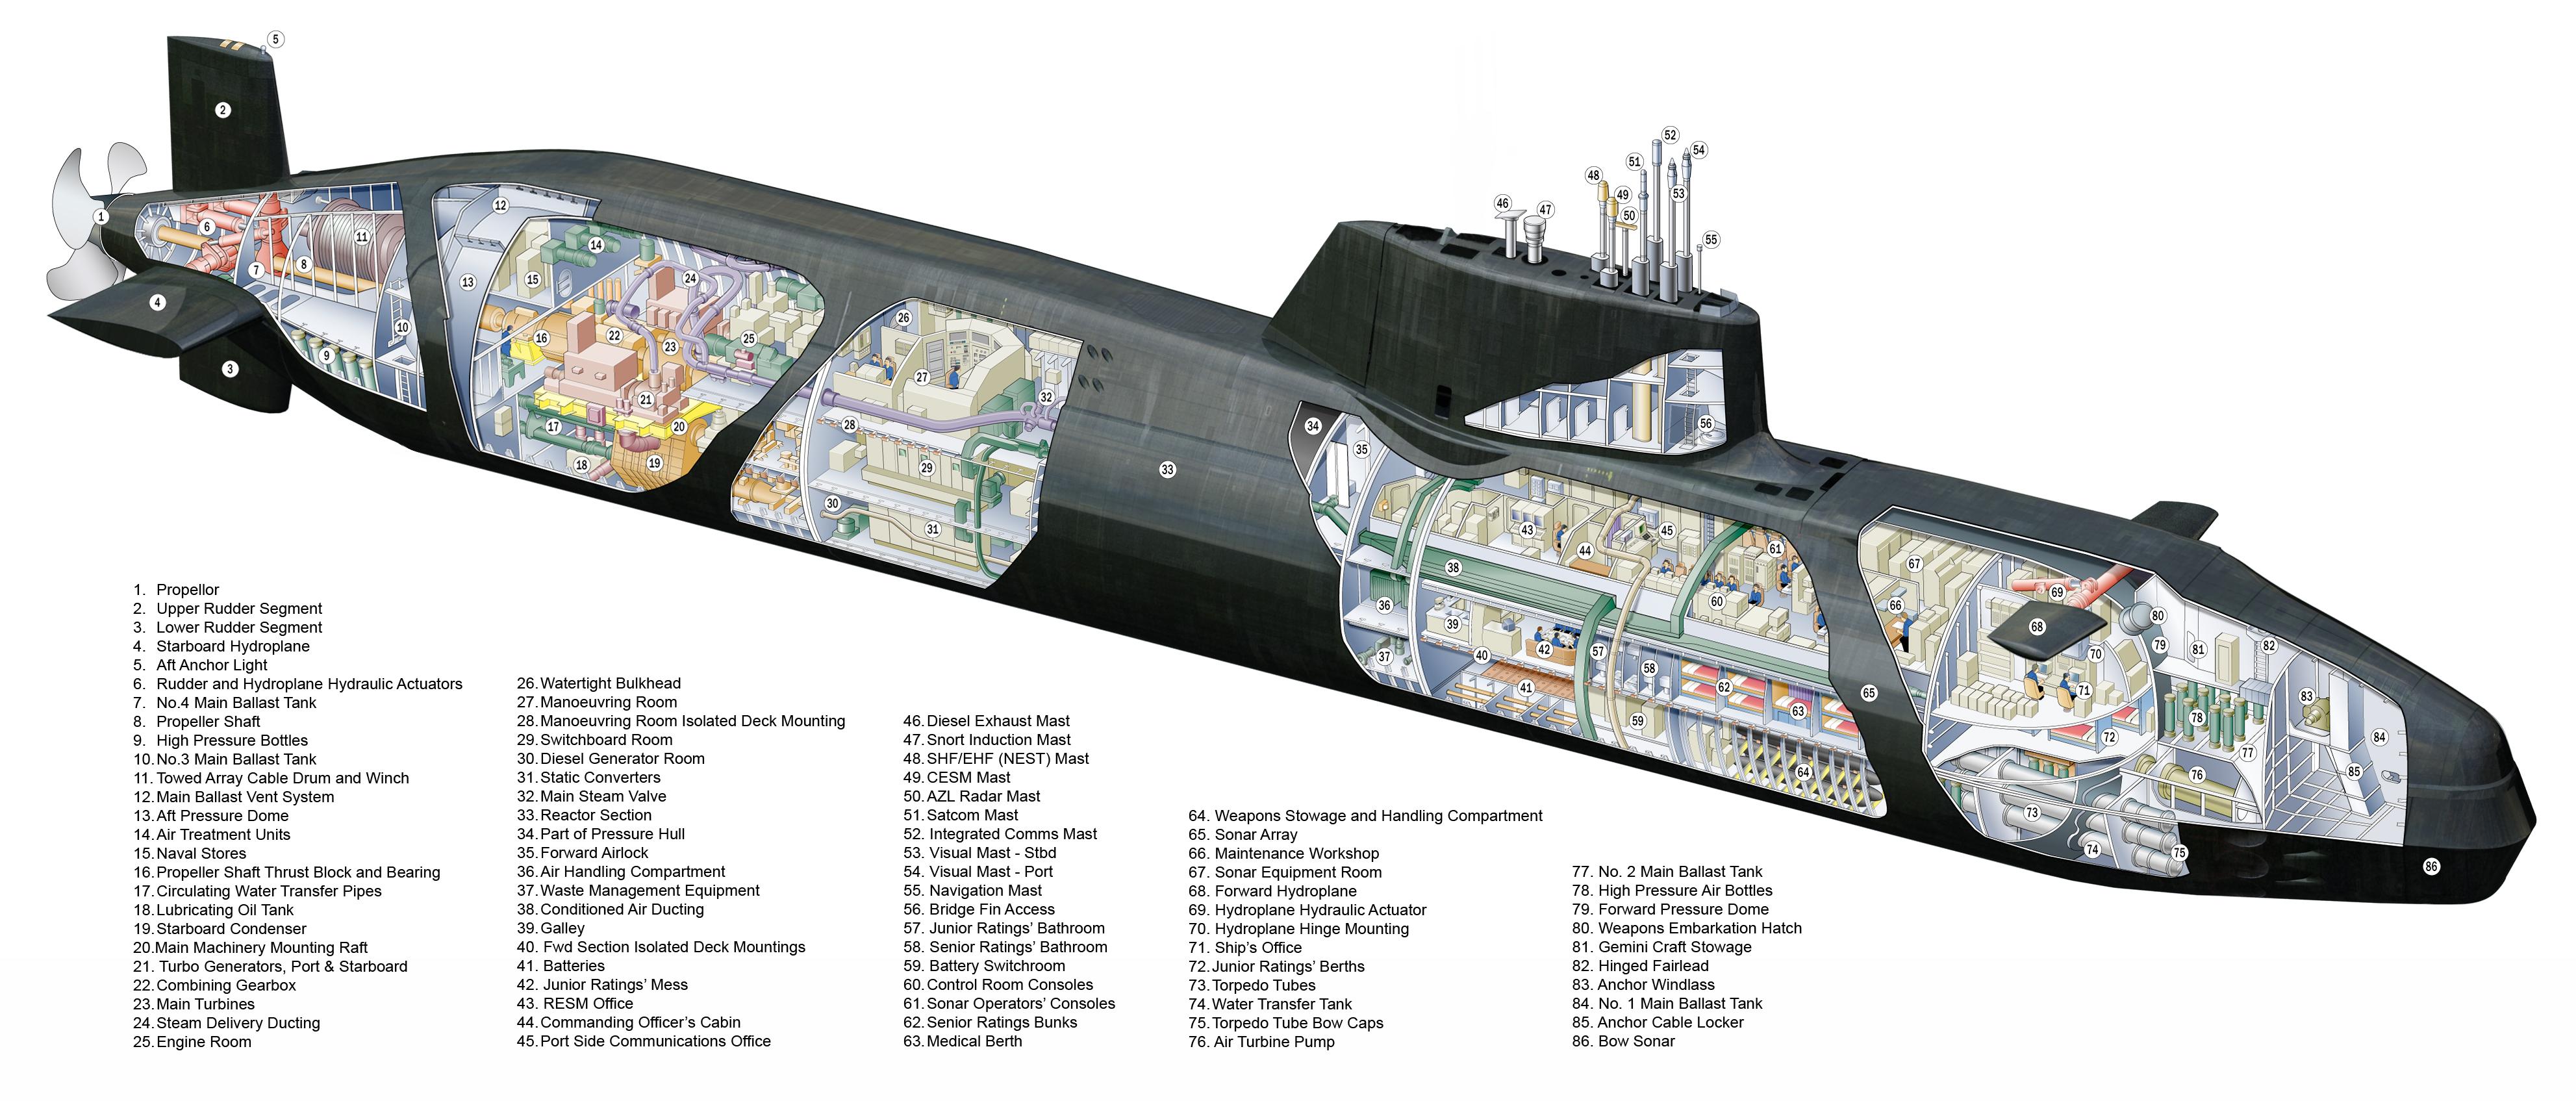 Por Dentro Do Hms 39 Astute 39 Poder Naval A Informa O Naval Comentada E Discutida